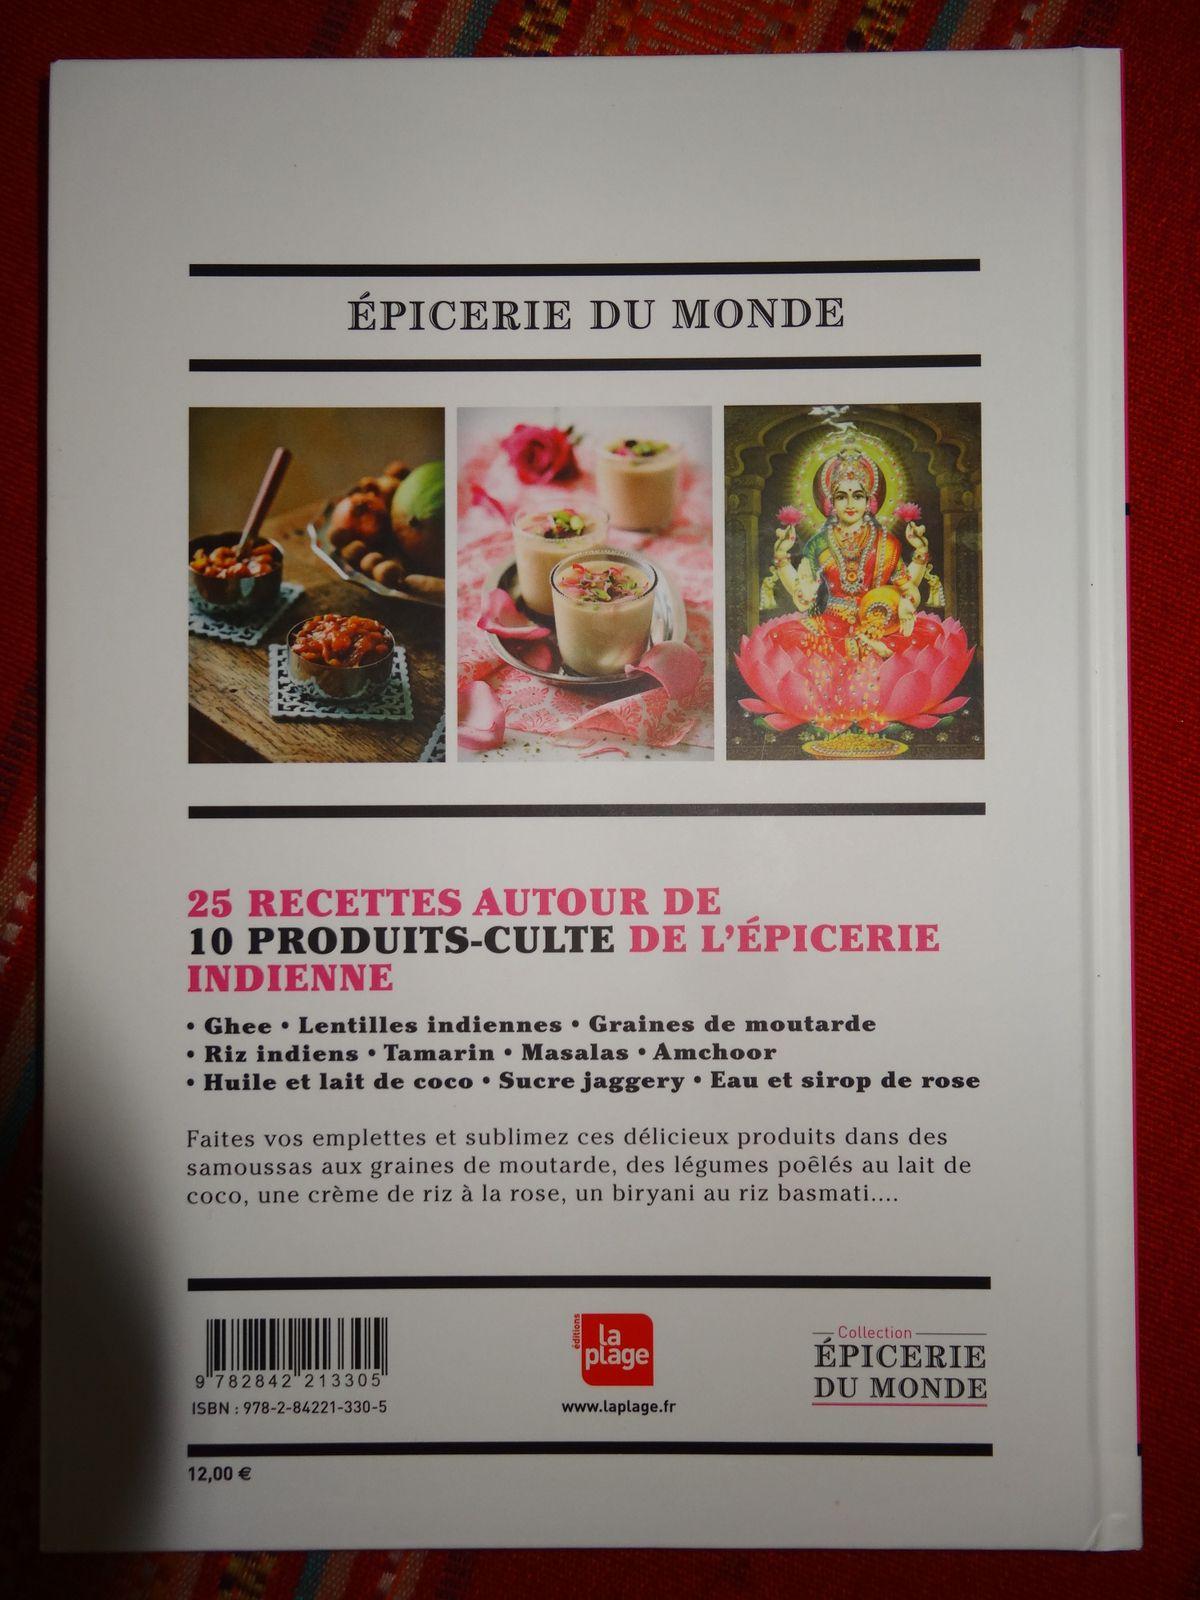 Epicerie du Monde INDE de Linda Louis